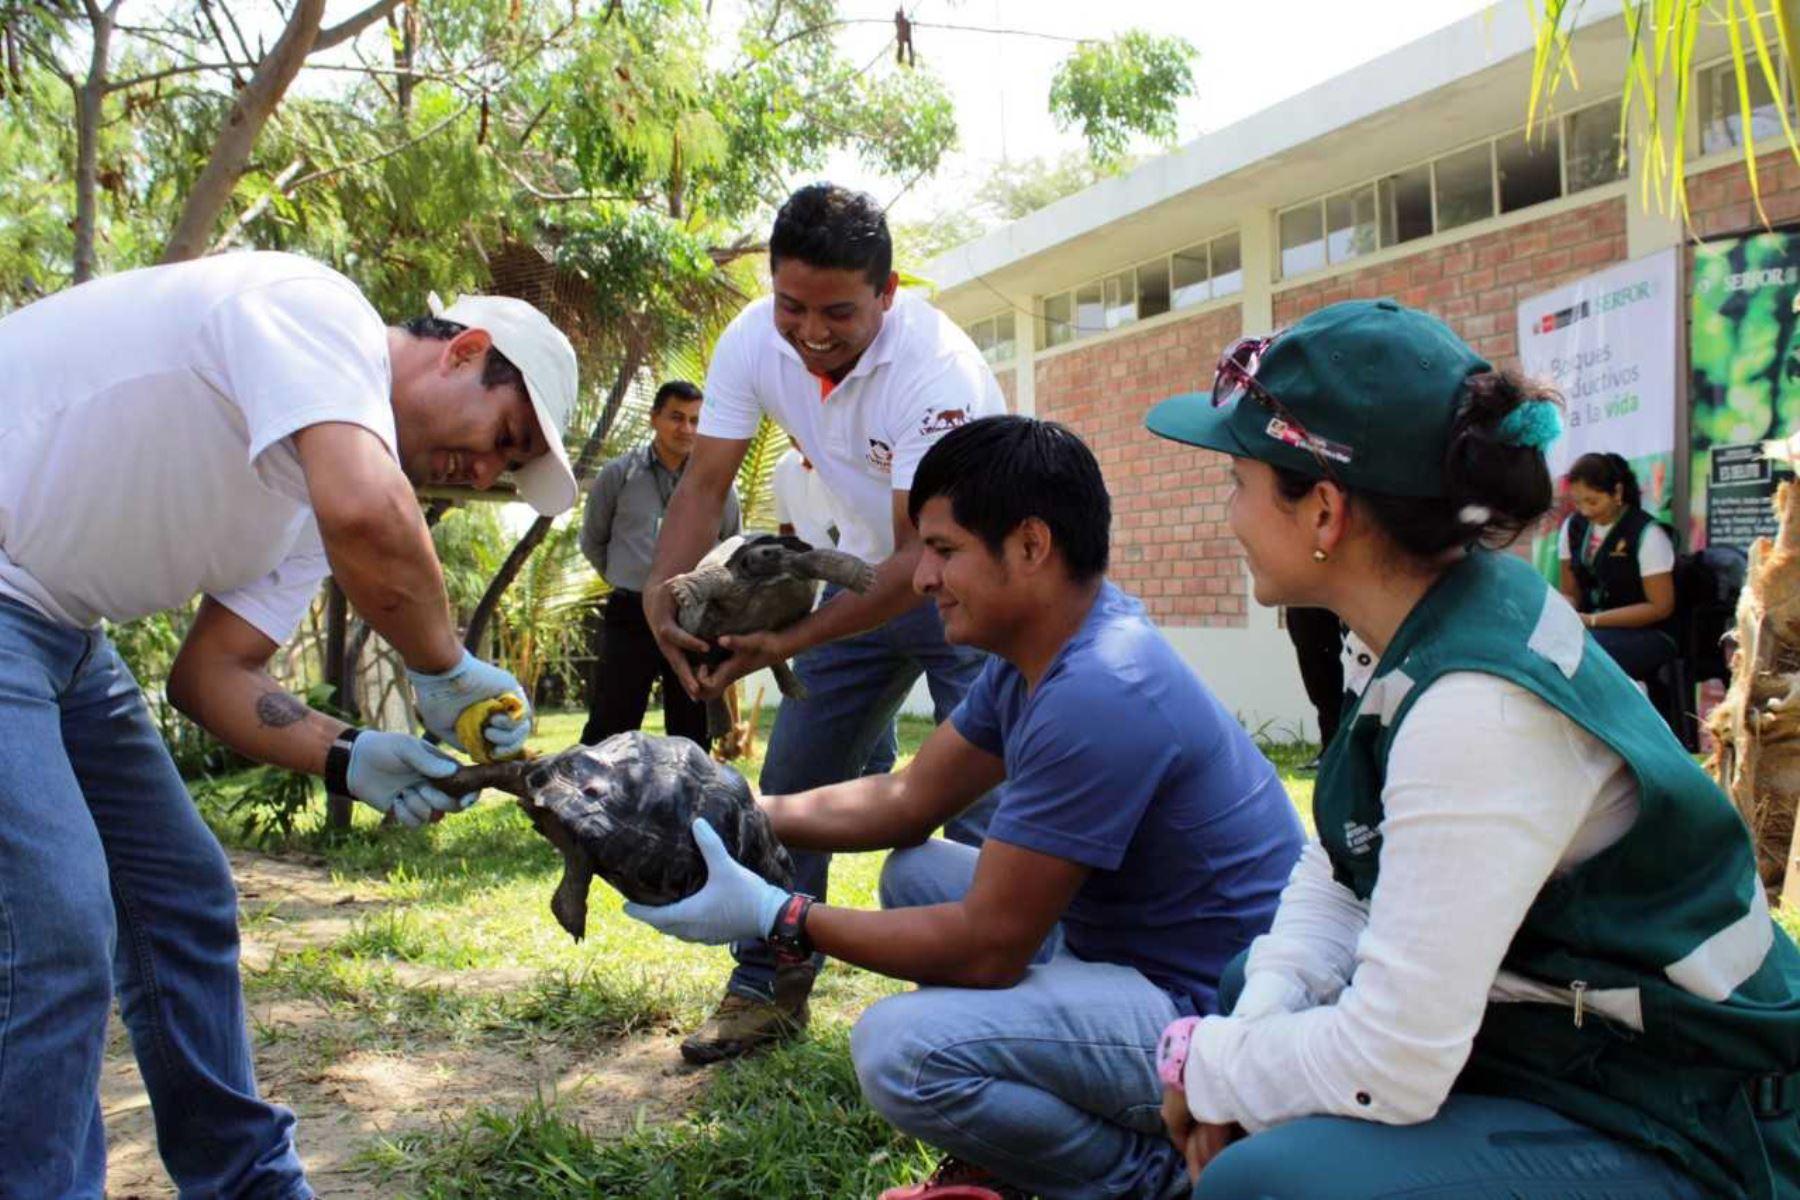 A poco más de un año, las 26 tortugas galápagos que fueron rescatadas en un bus en Piura retornan a Ecuador, su lugar de origen, como resultado de las coordinaciones entre ambos gobiernos, a través del Ministerio de Agricultura y Riego del Perú (Minagri) y el Ministerio del Ambiente del país vecino.